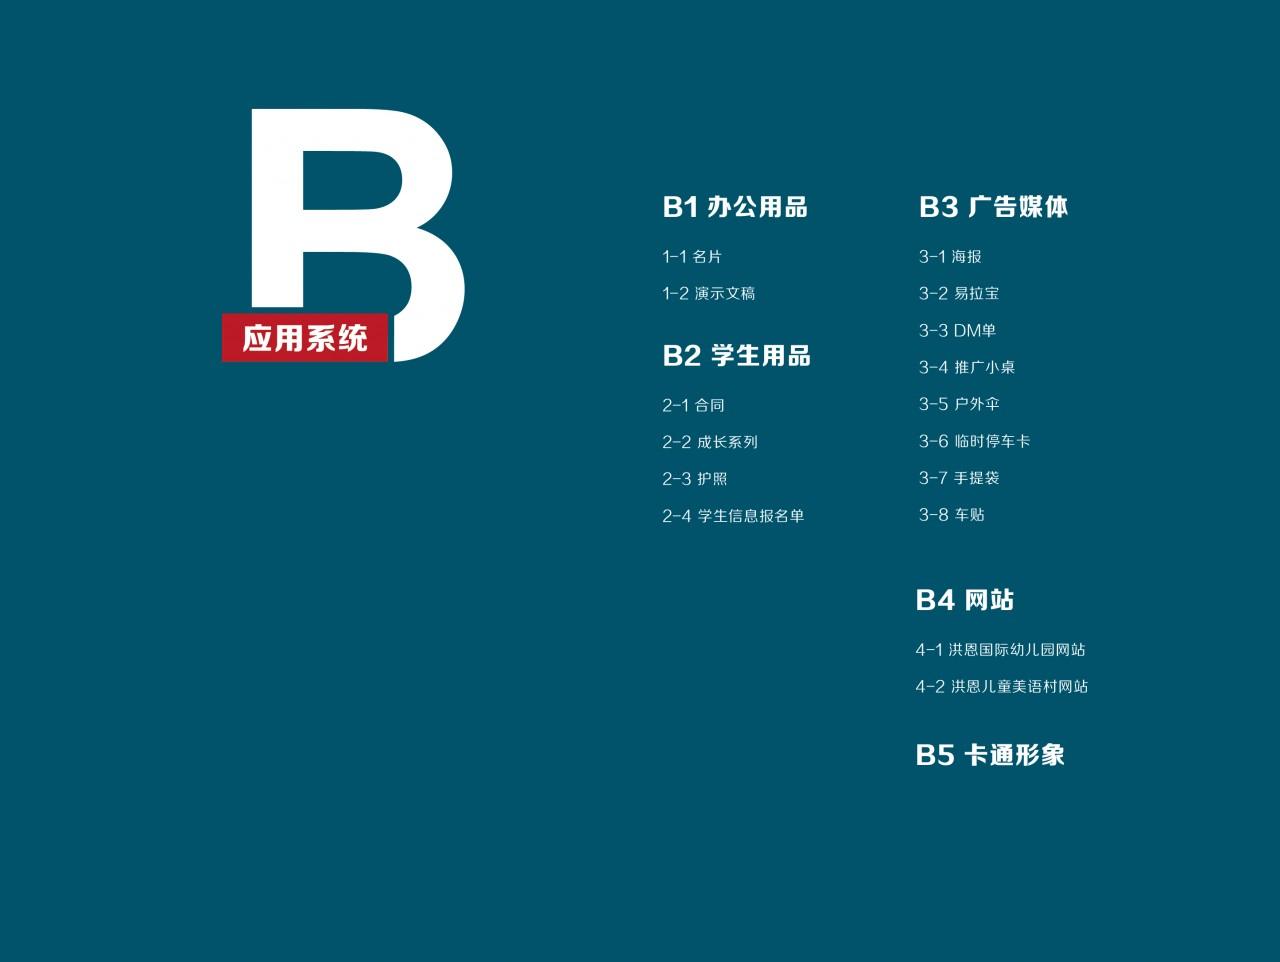 洪恩实体 B1 B2 pad 版本_1